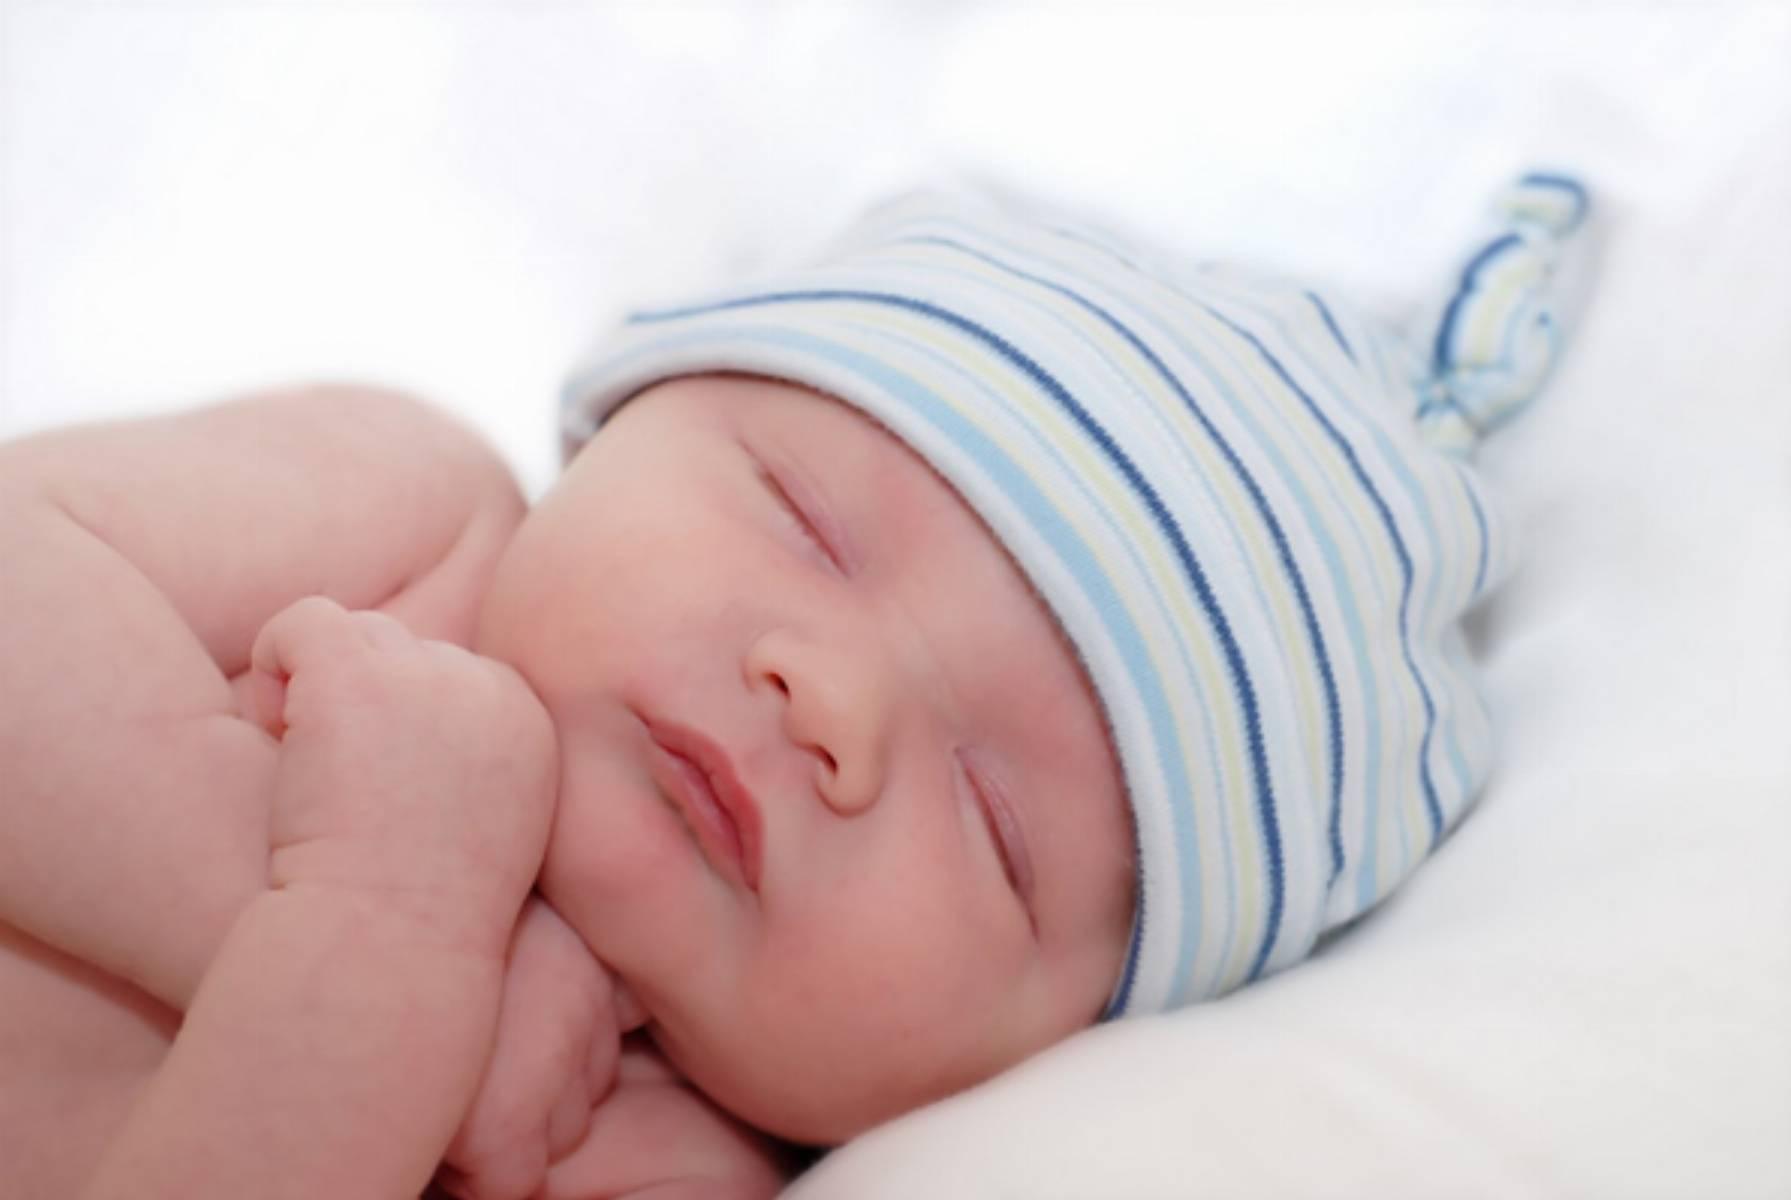 spiace-niemowle-bezpieczenstwo